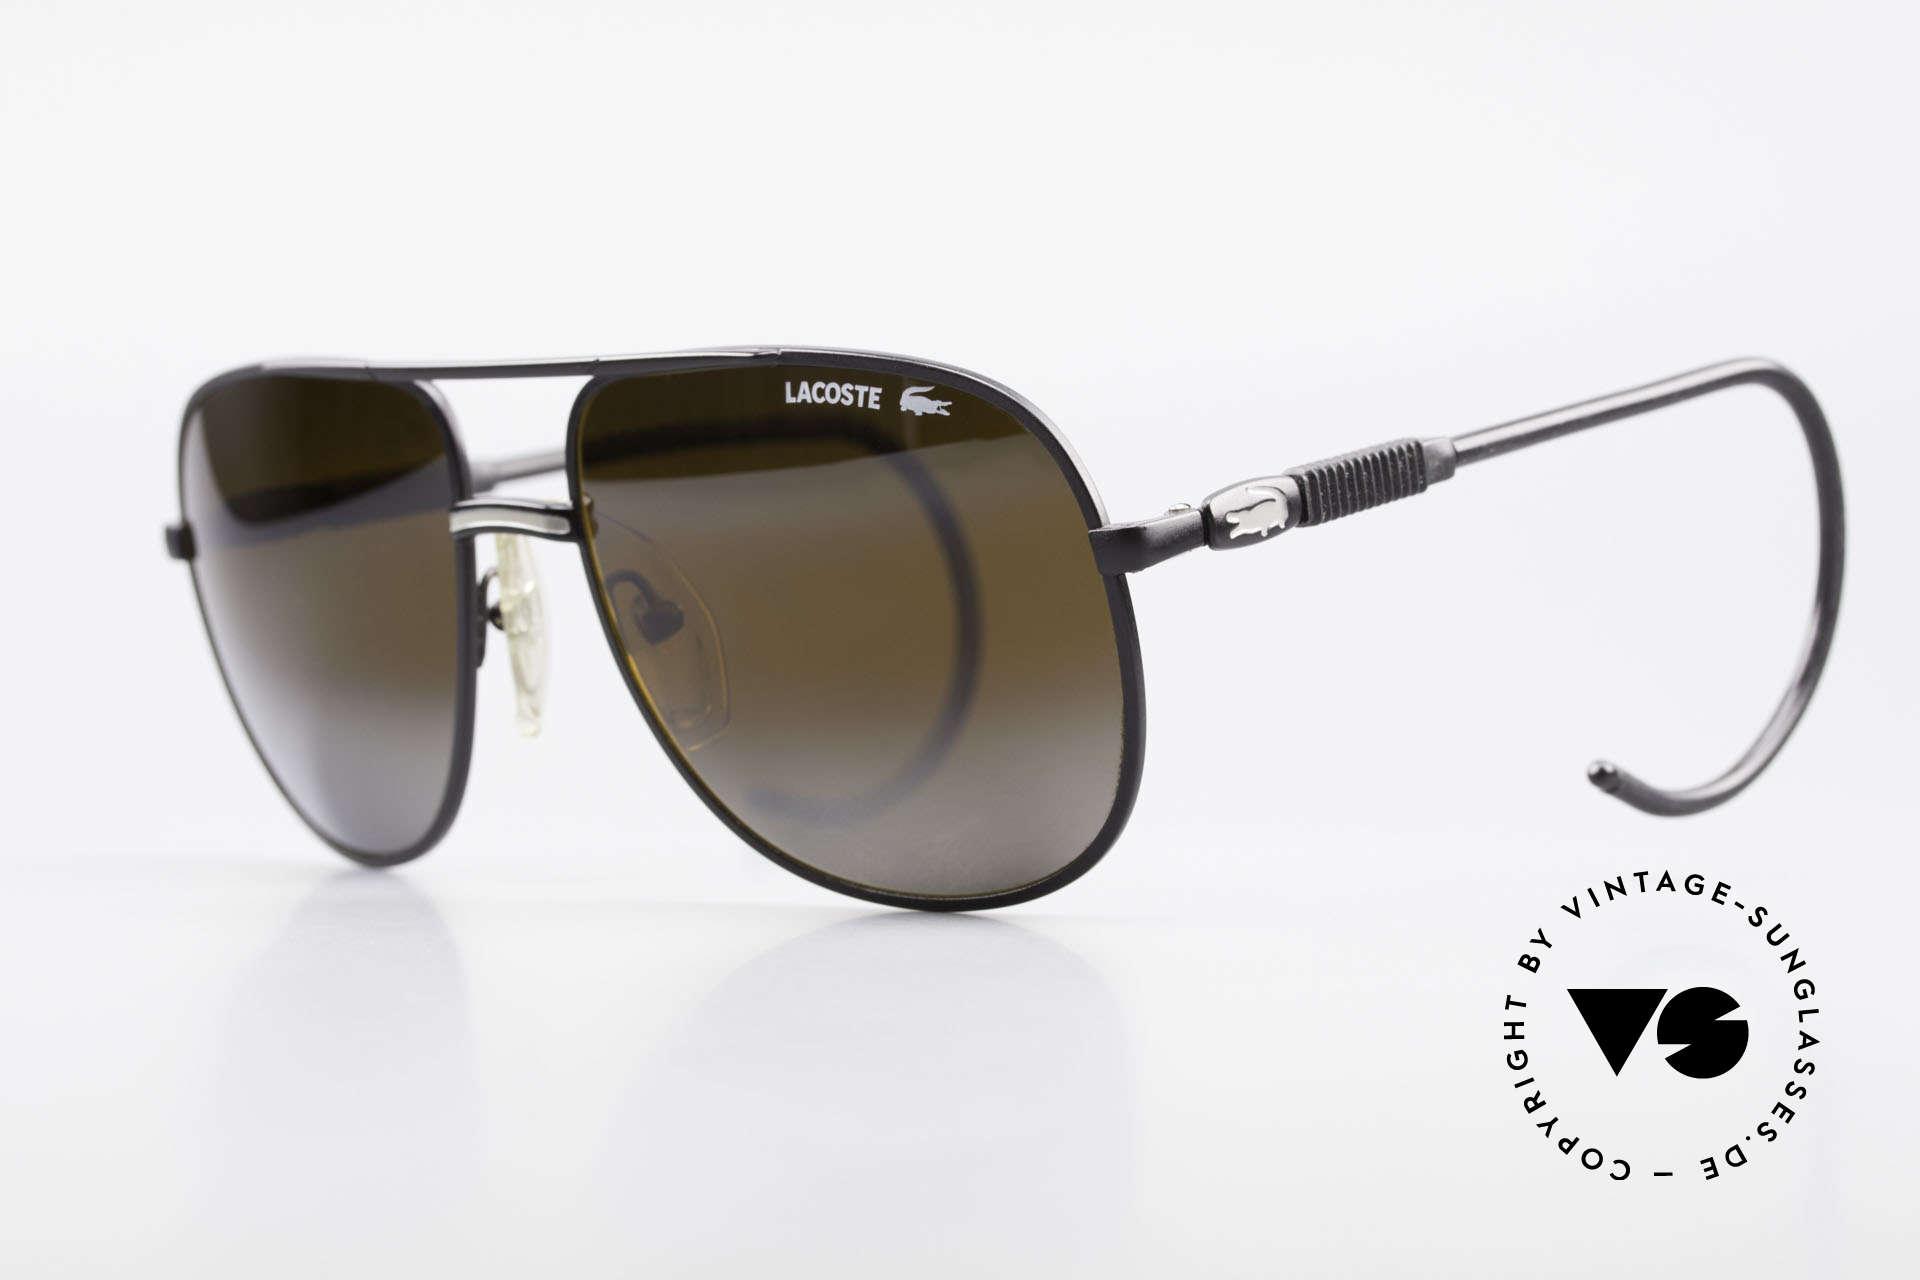 Lacoste 101S Sportliche Aviator Brille XL, in 1980ern produziert und in 90ern nochmal modifiziert, Passend für Herren